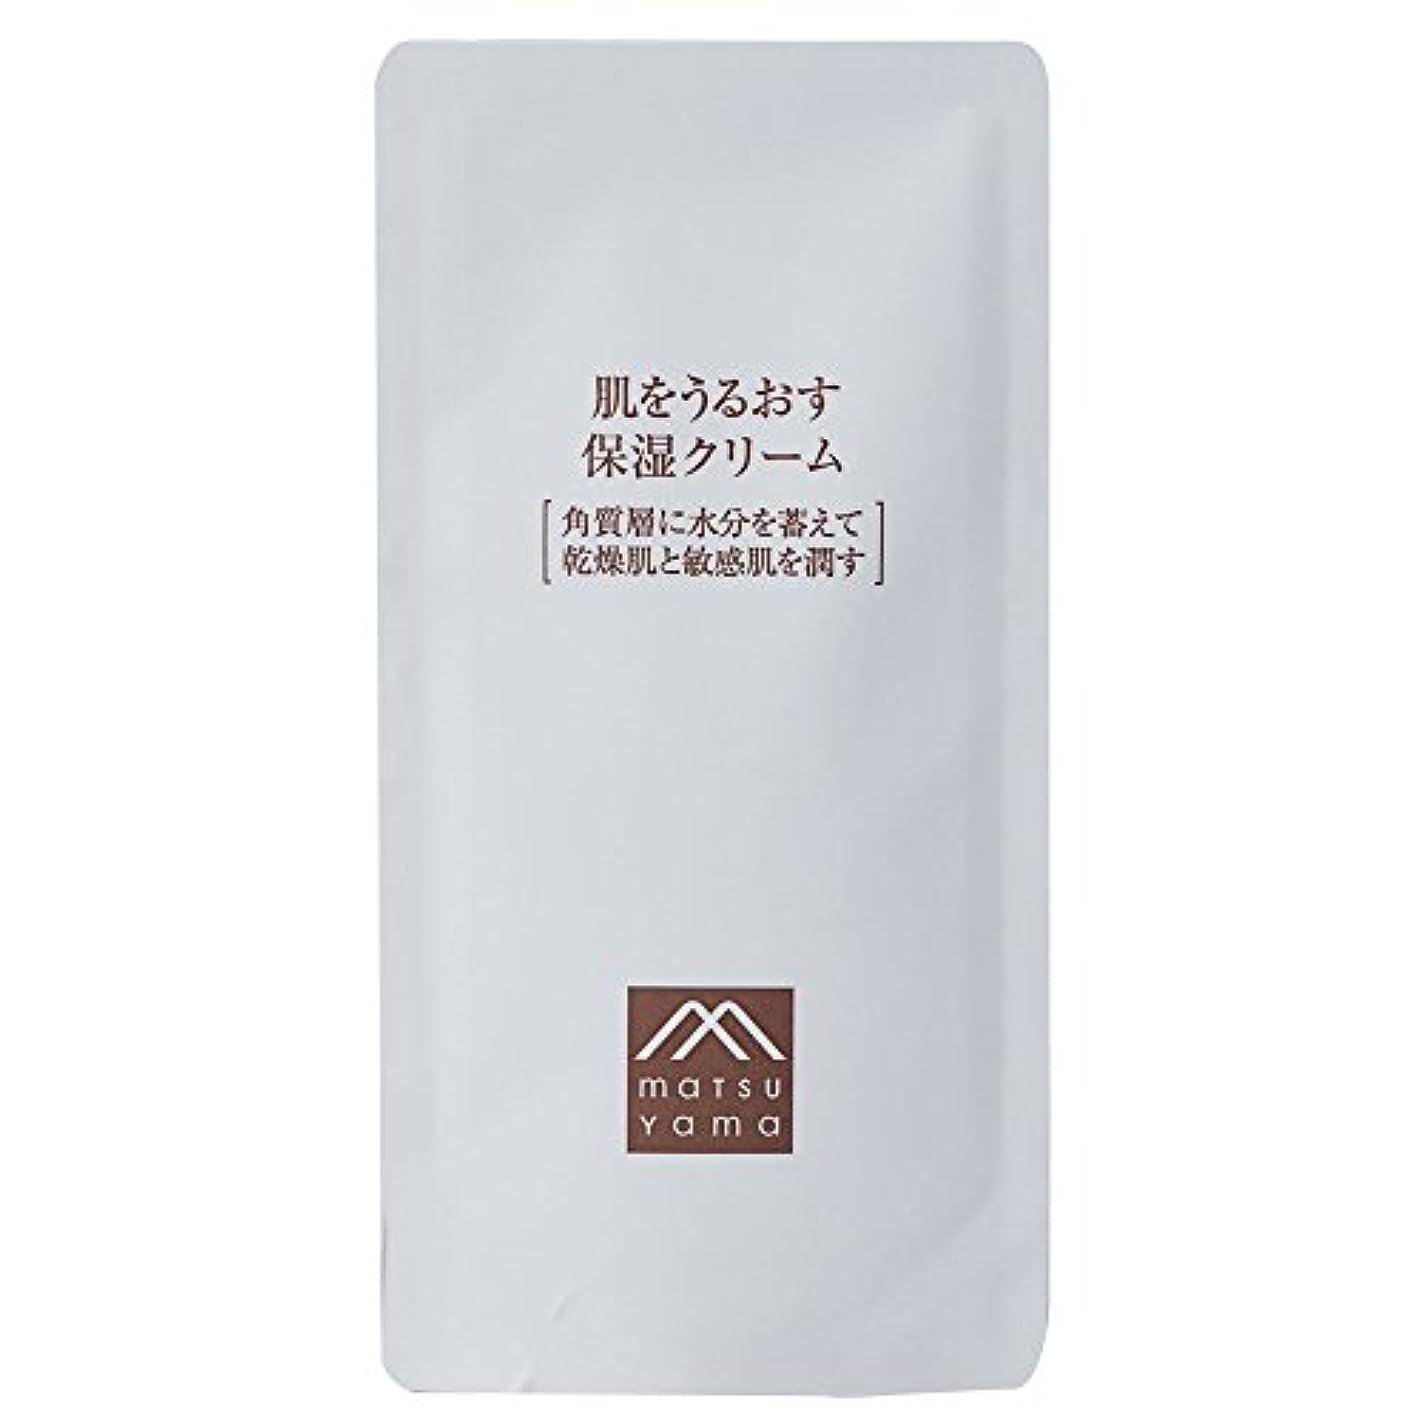 相反するメルボルン独立した肌をうるおす保湿クリーム 詰替用(クリーム) 濃厚クリーム [乾燥肌 敏感肌]